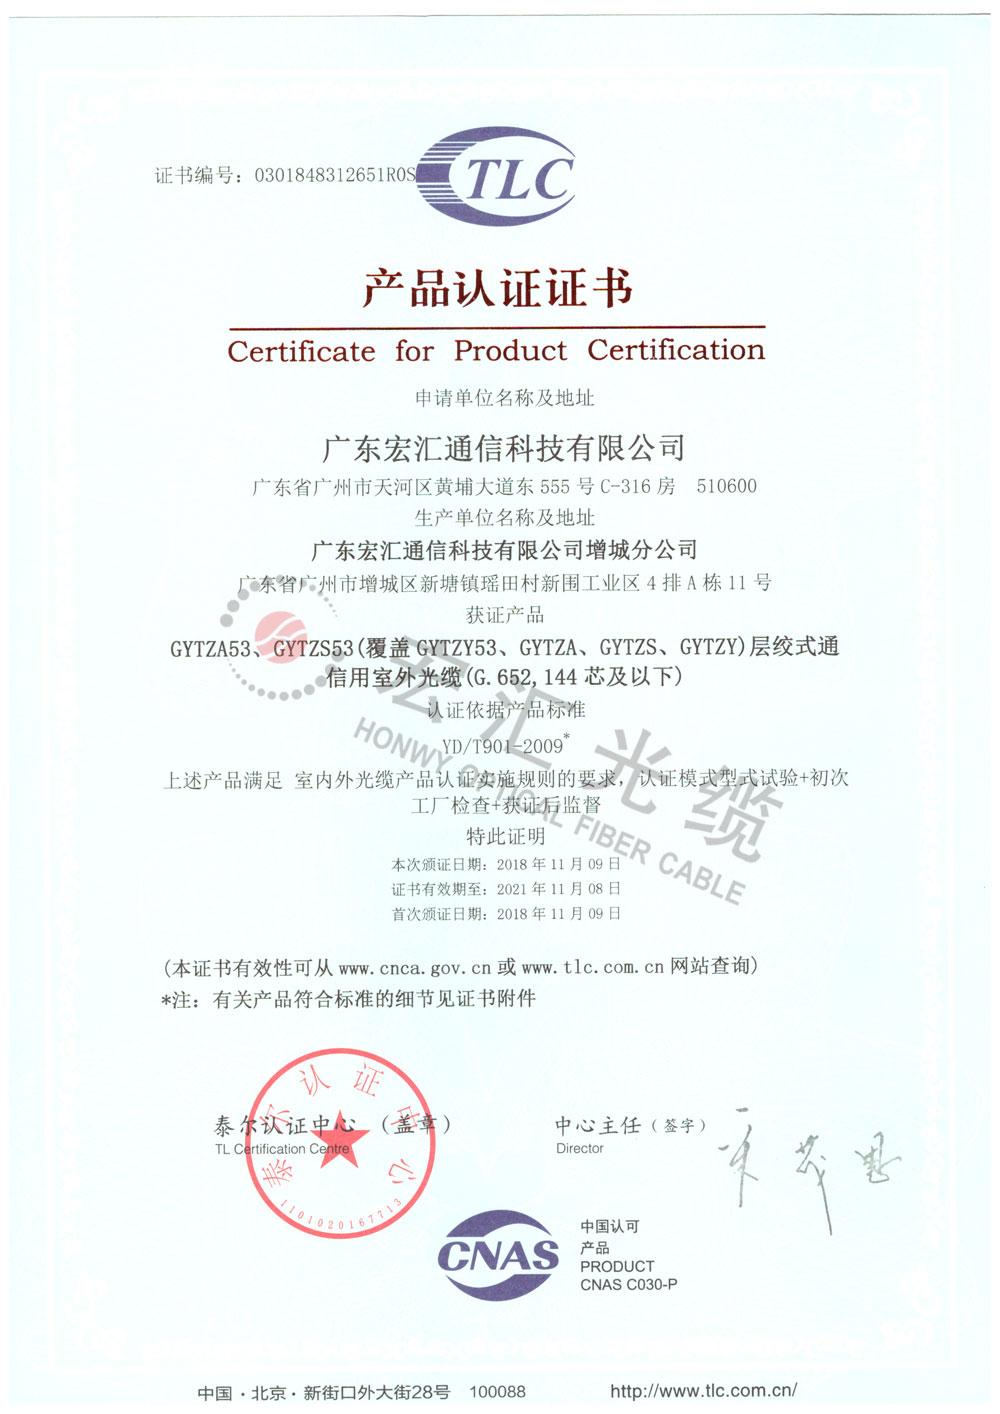 泰尔认证证书(GYTZA53/GYTZS53)